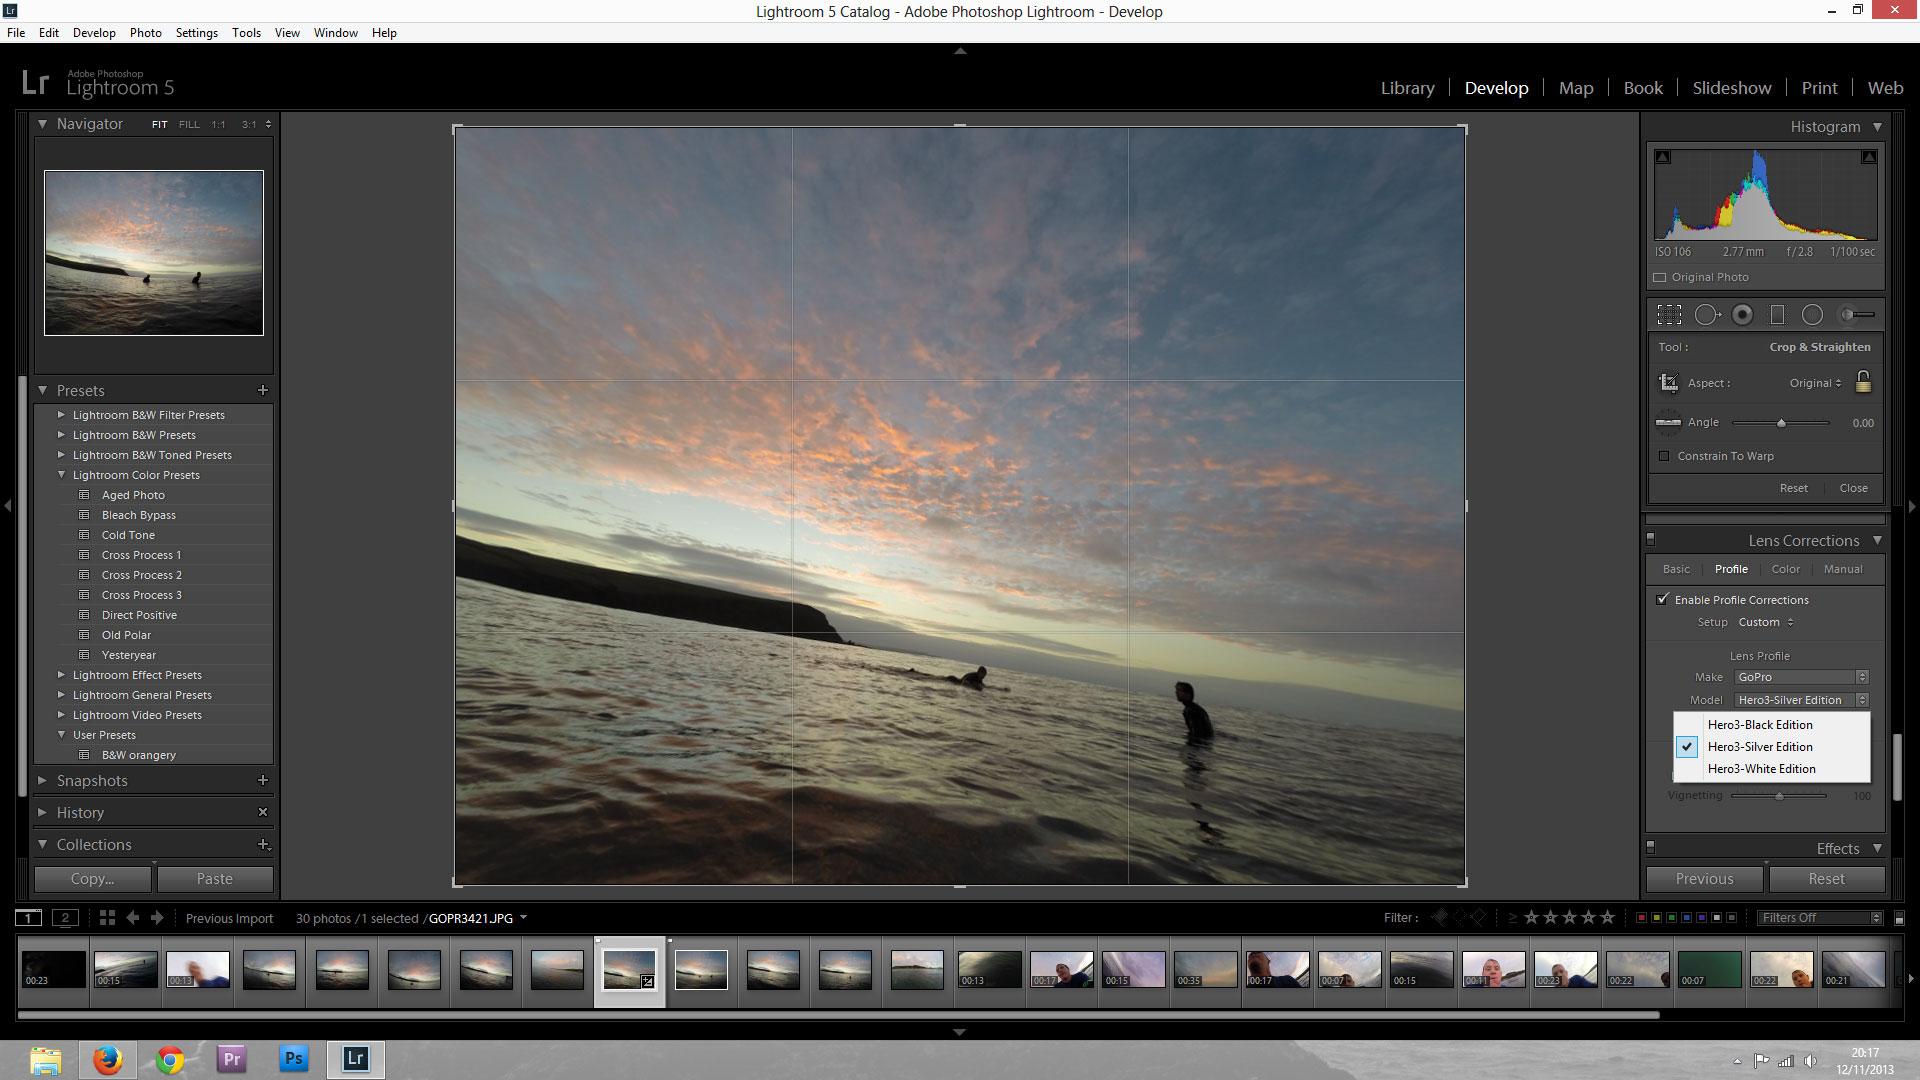 Lightroom 5 - Built In GoPro Lens Correction